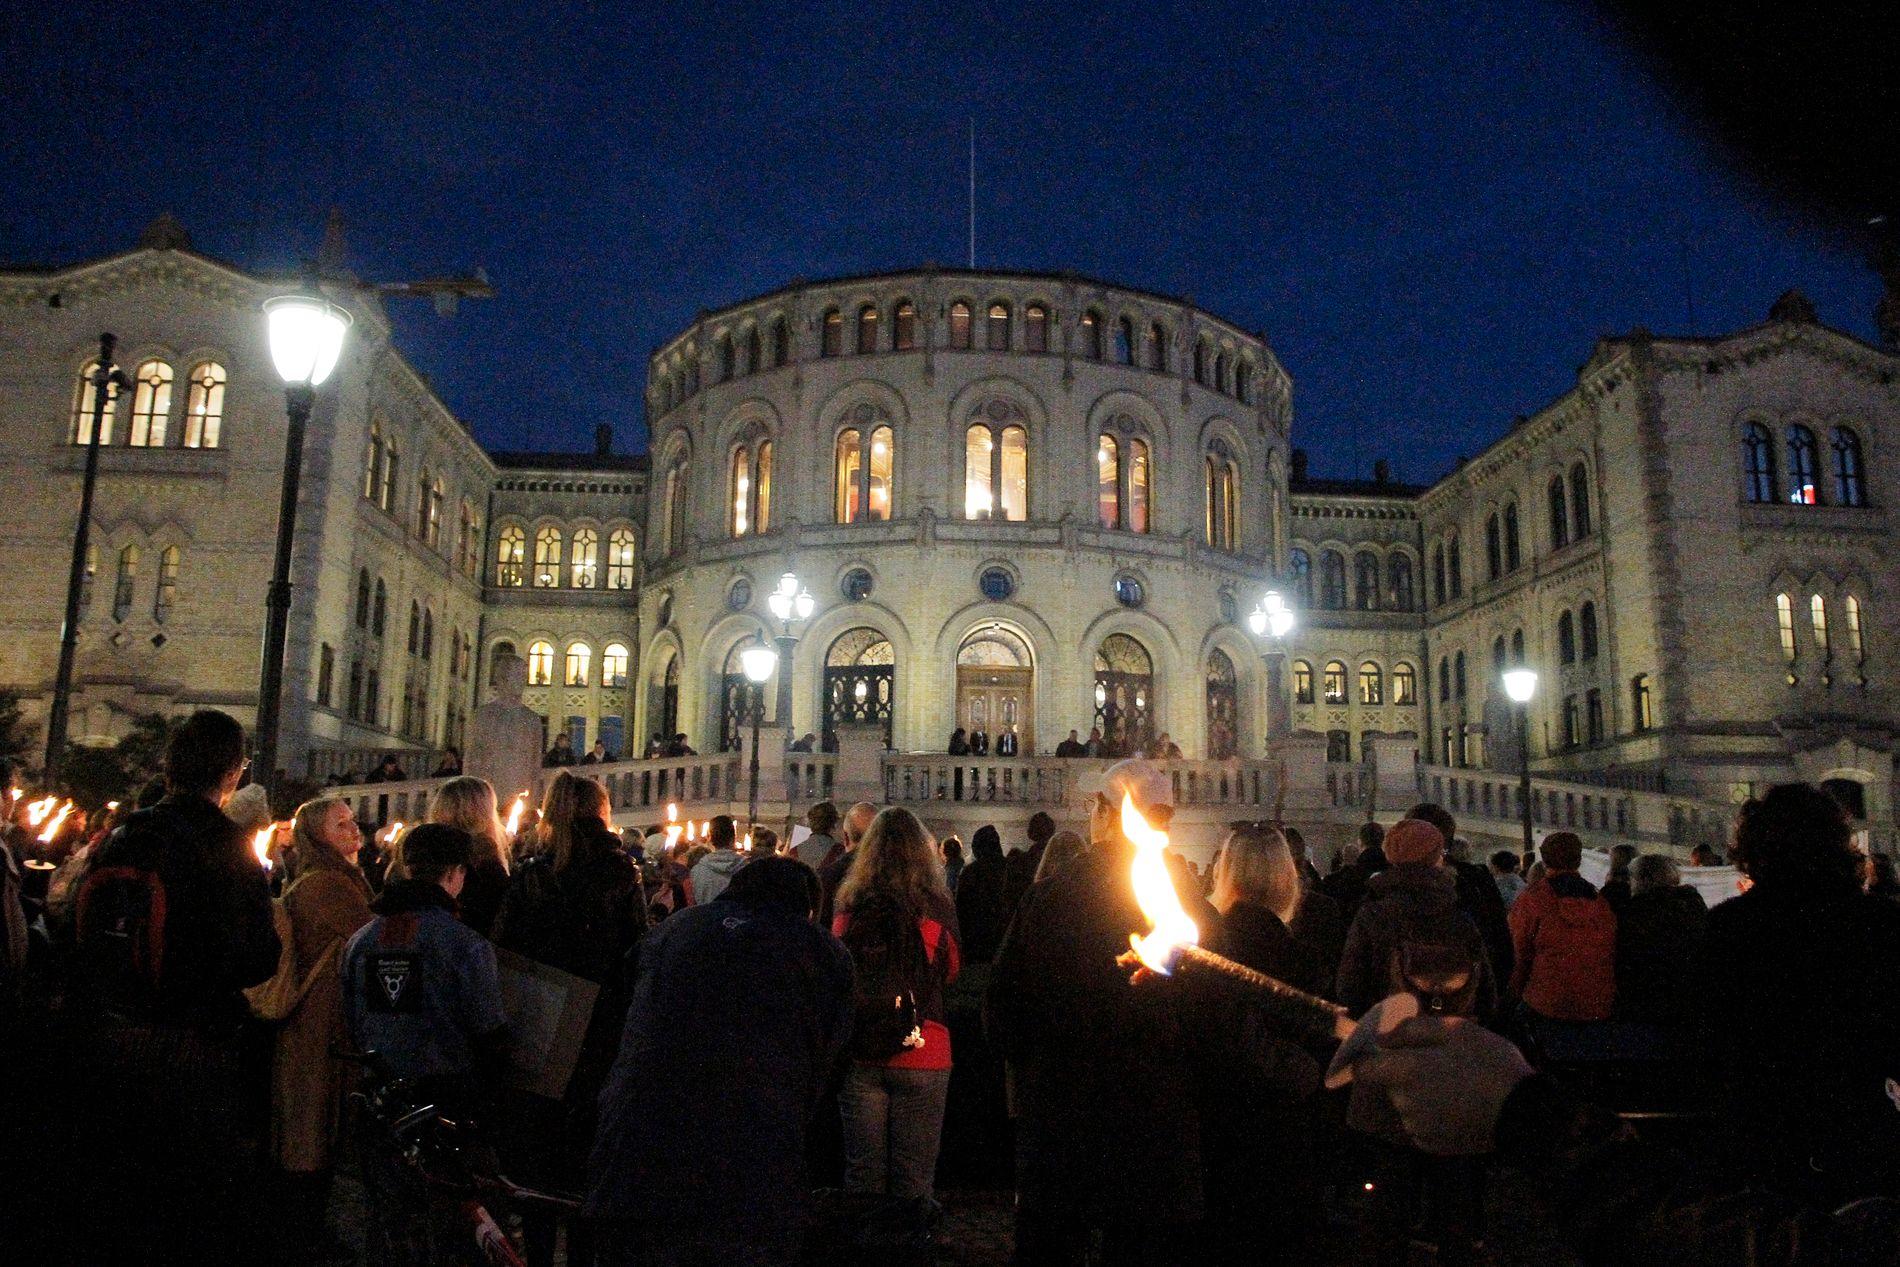 FAKKTELTOG: Flere hundre demonstranter var onsdag samlet foran Stortinget for å kreve at de 130 enslige mindreårige får bli i Norge.